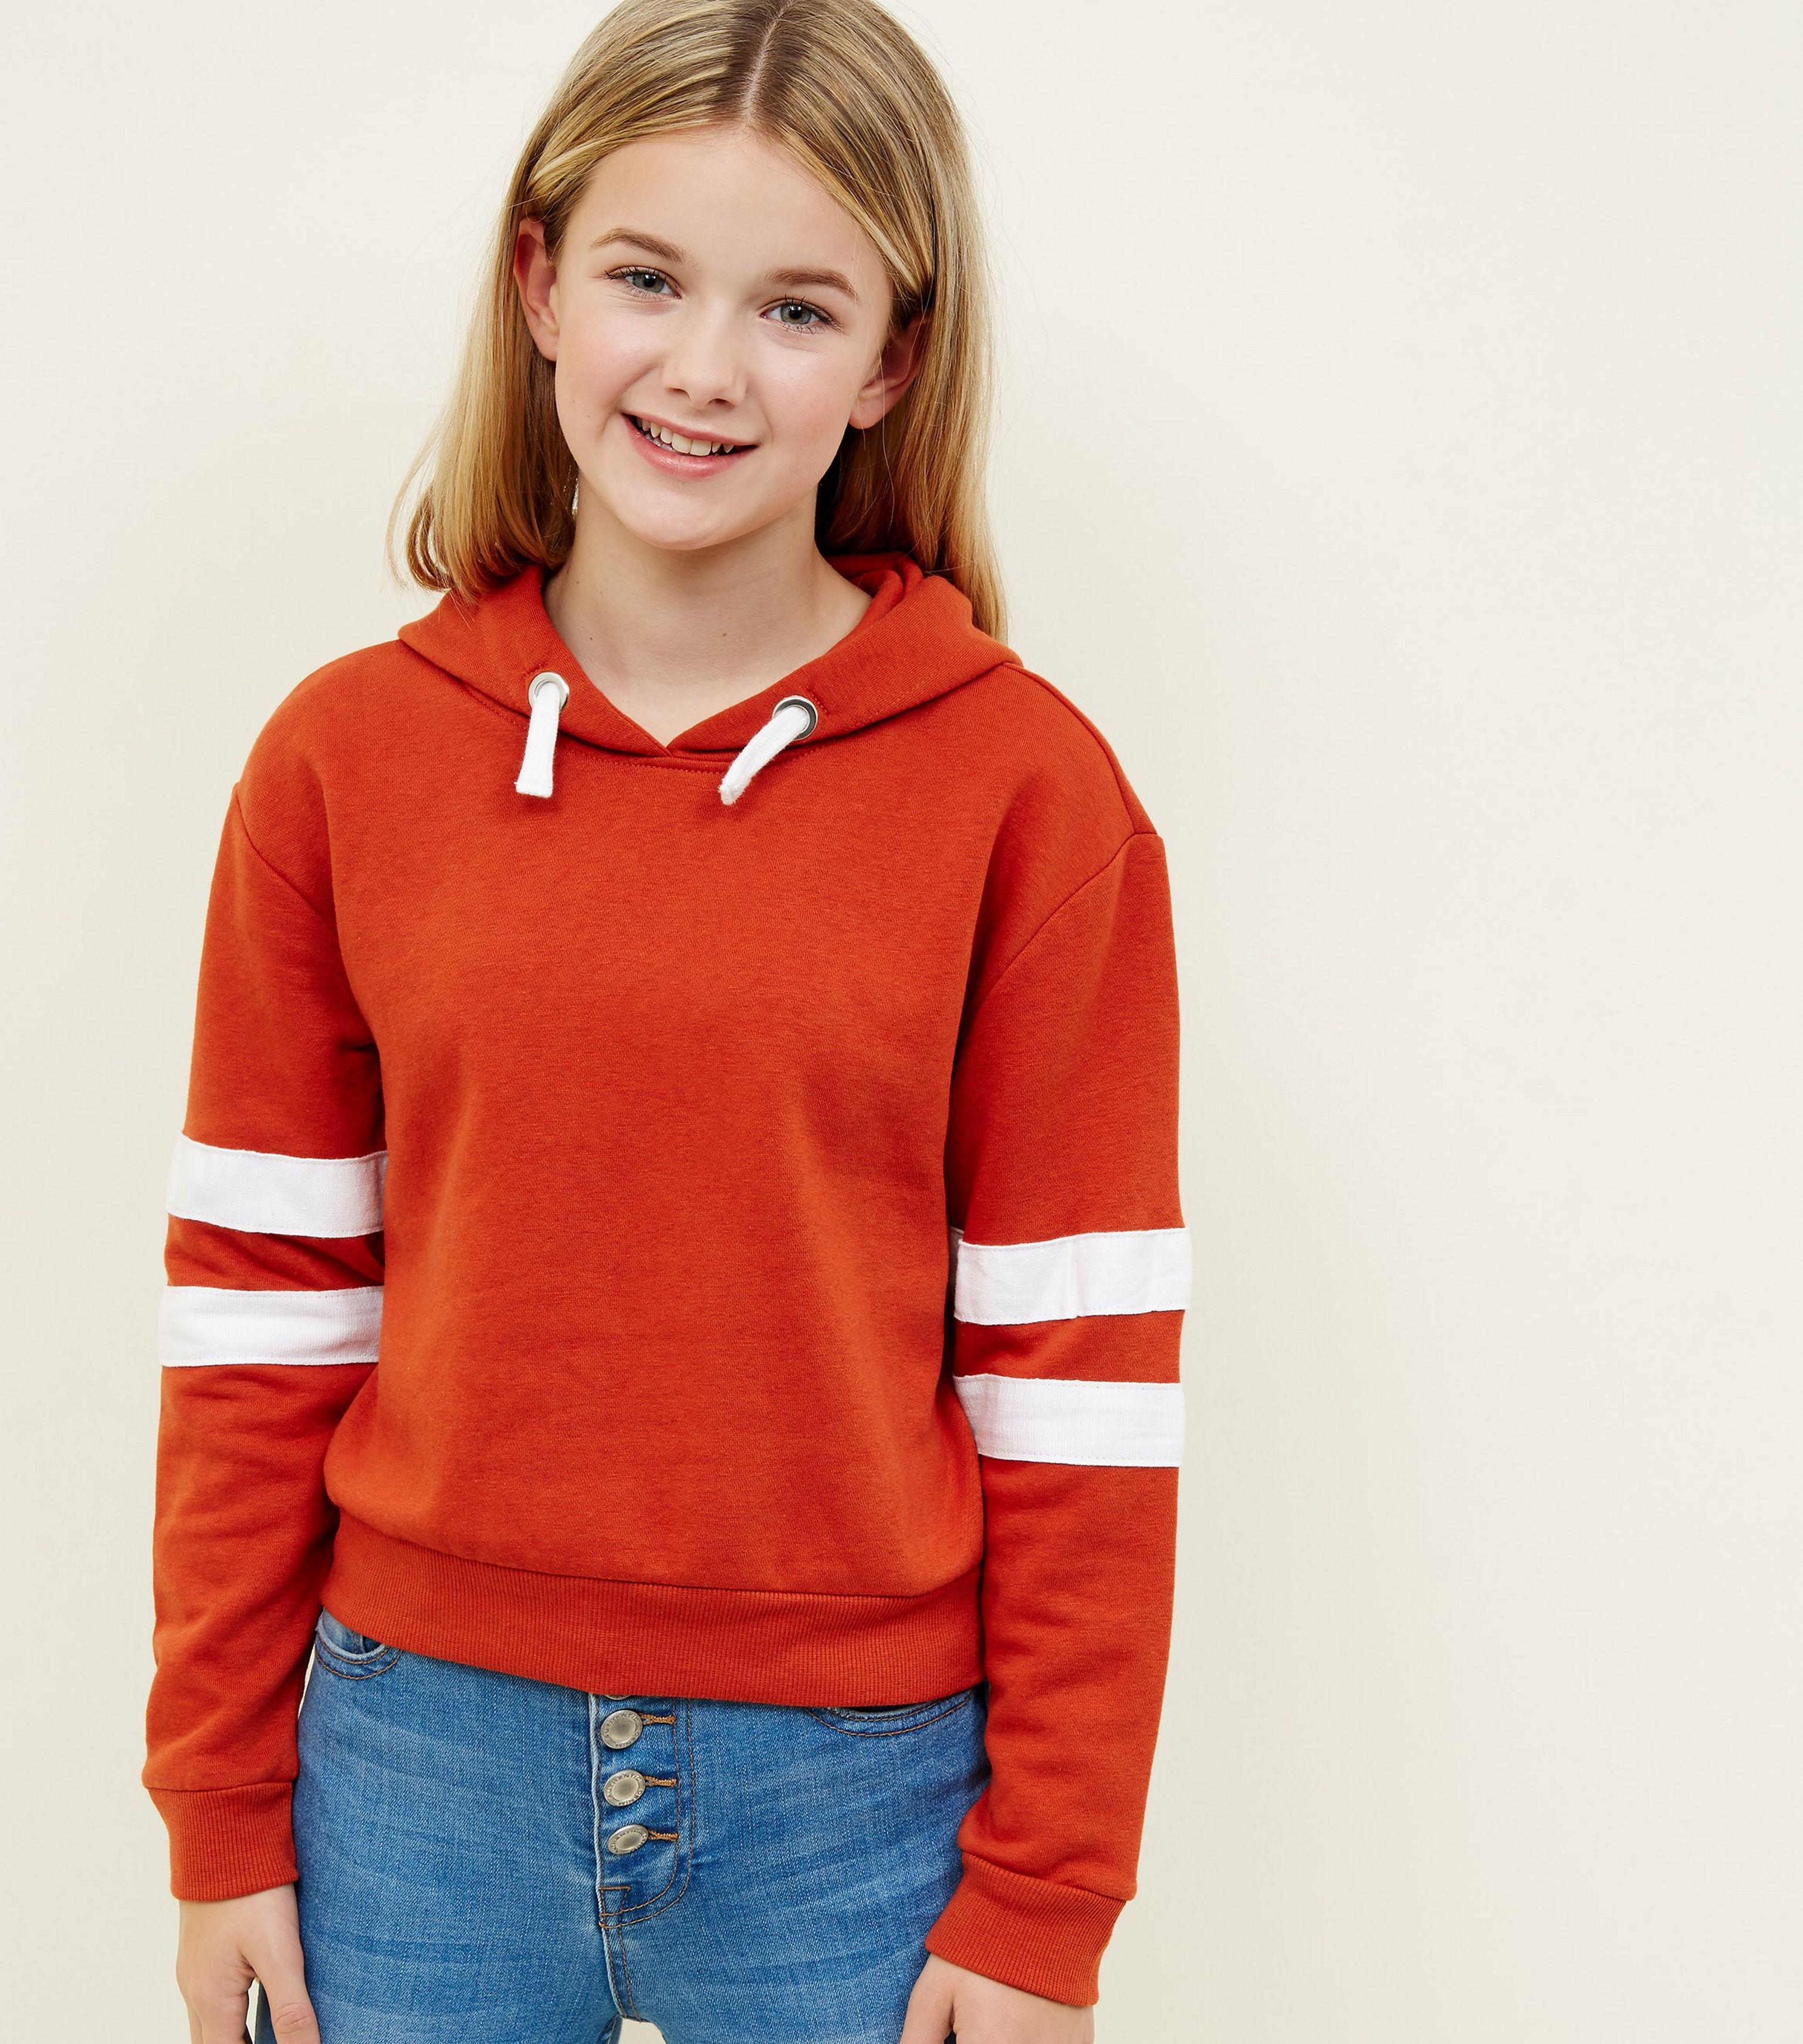 25bdc4a8cc6 New Look Girls Orange Stripe Sleeve Hoodie in Orange - Lyst